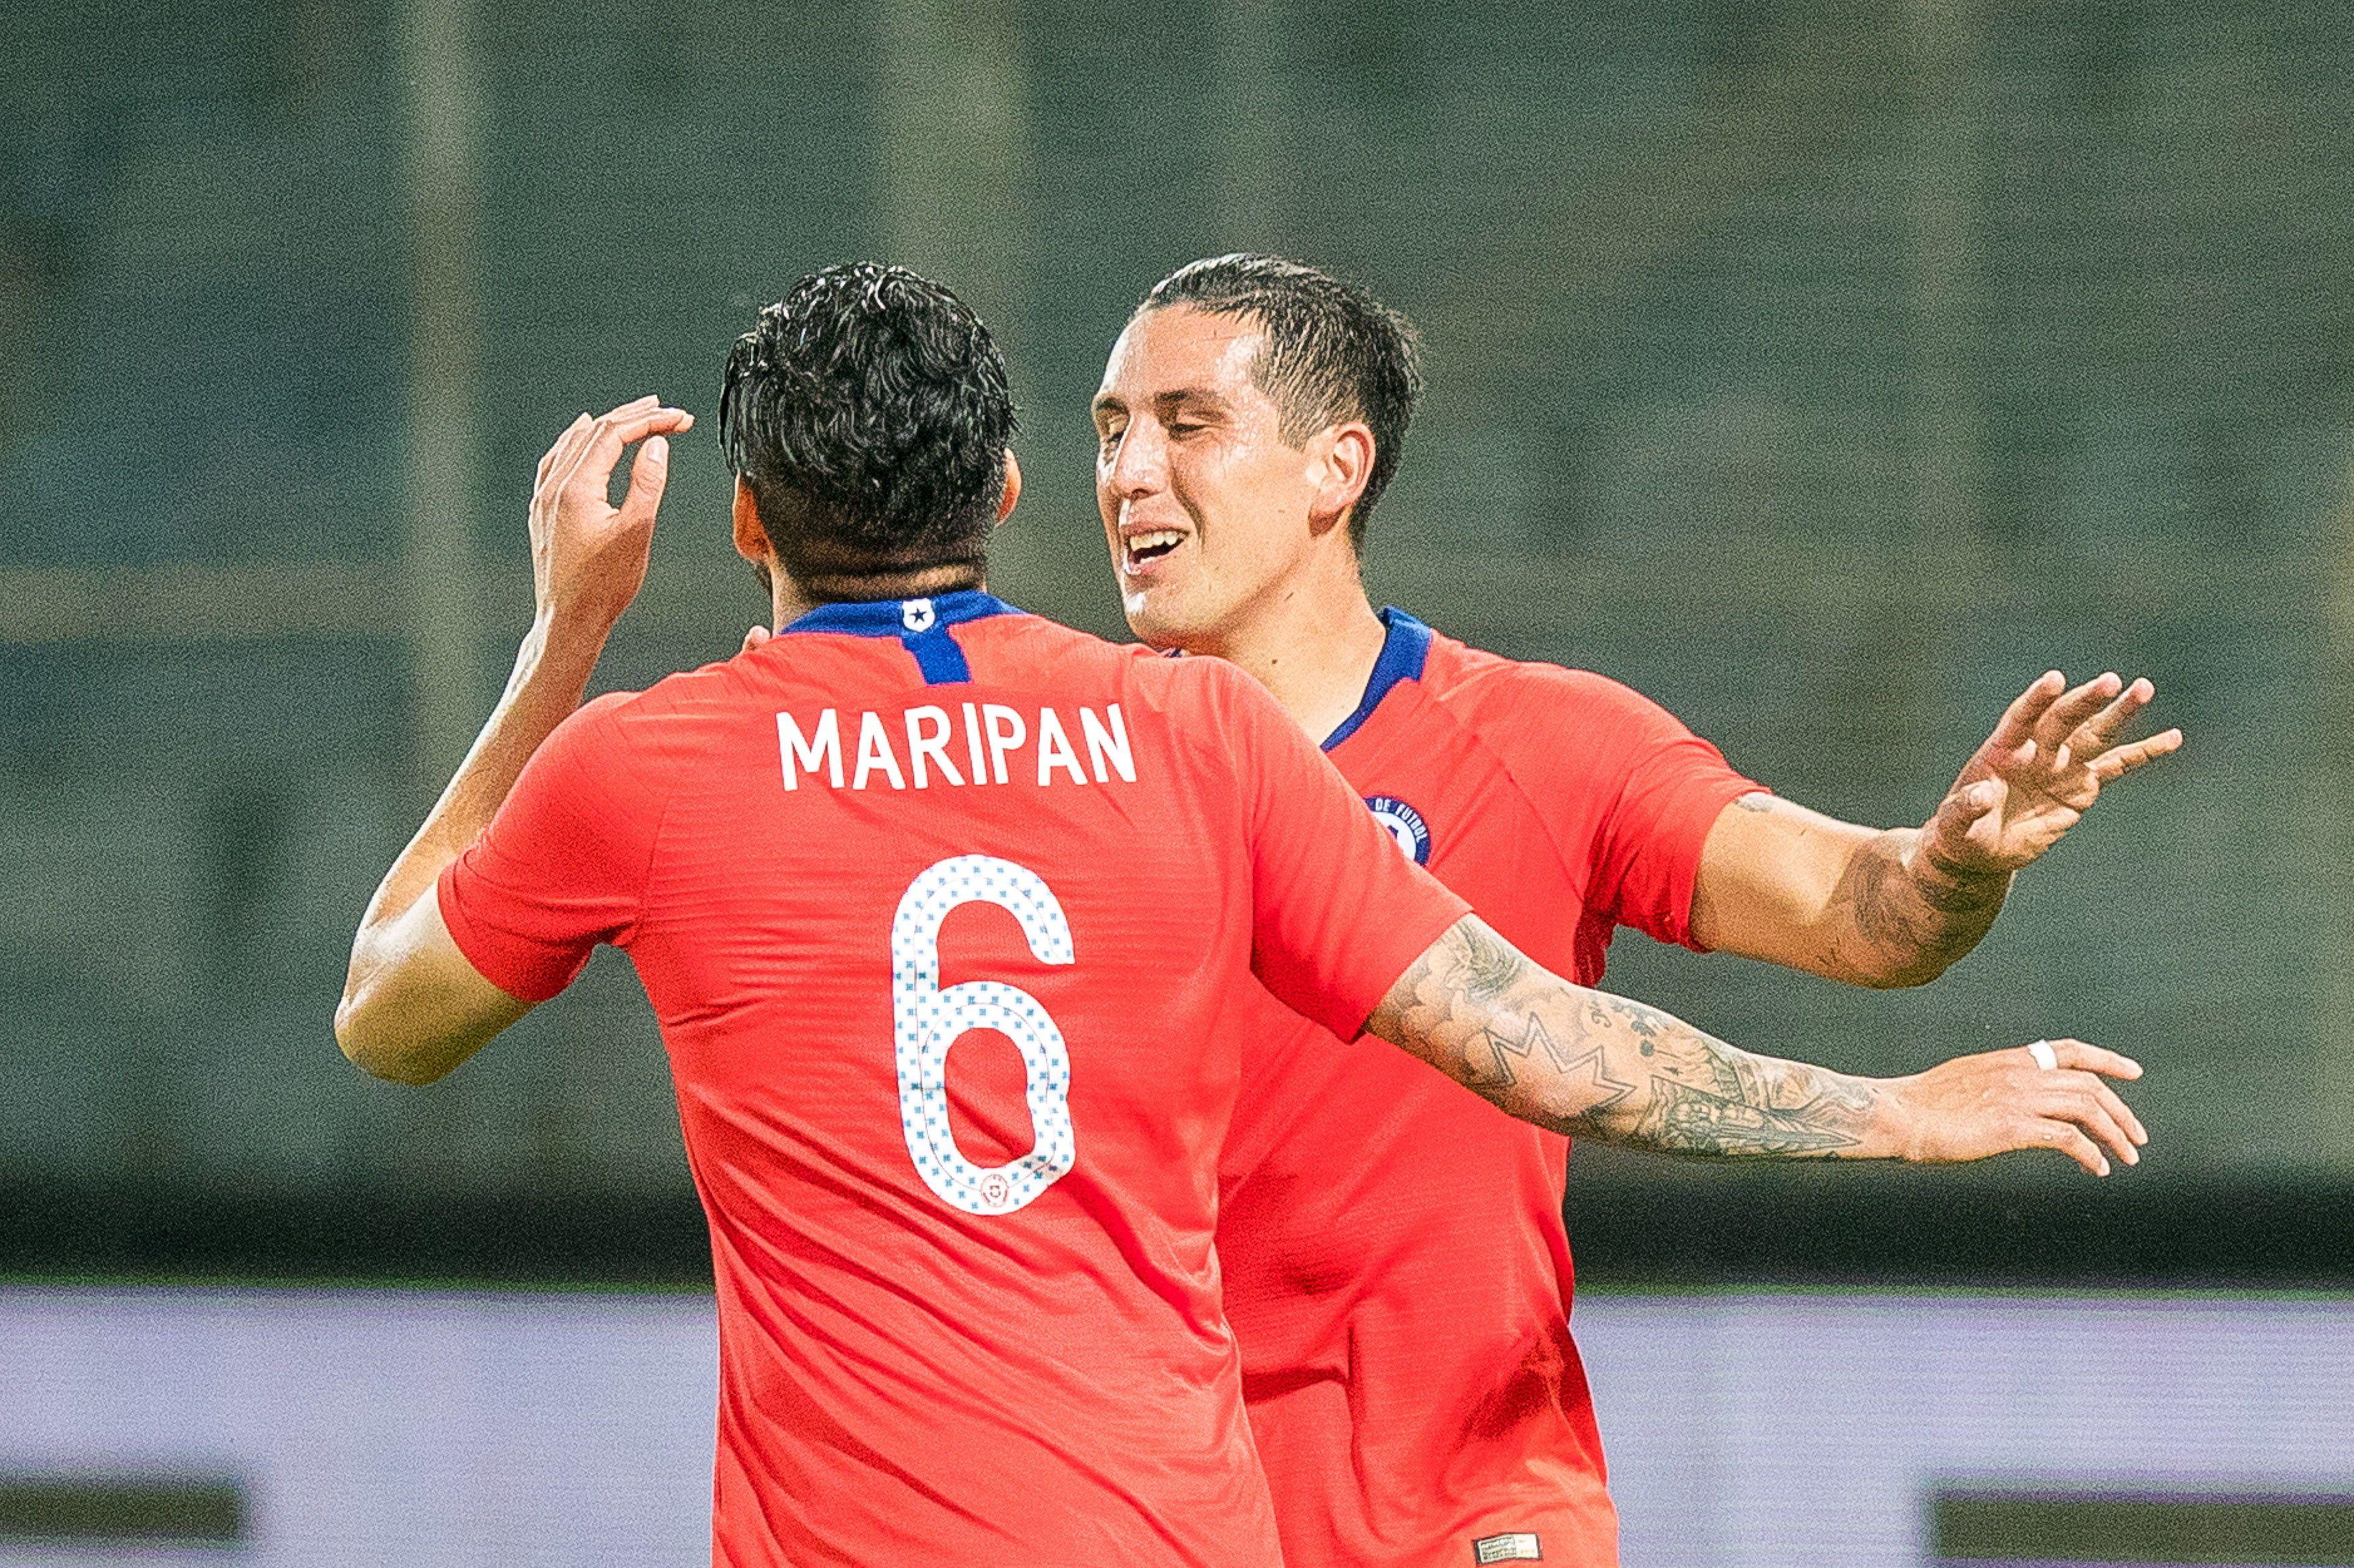 Chile derrotó por la mínima a Serbia. Foto: EFE